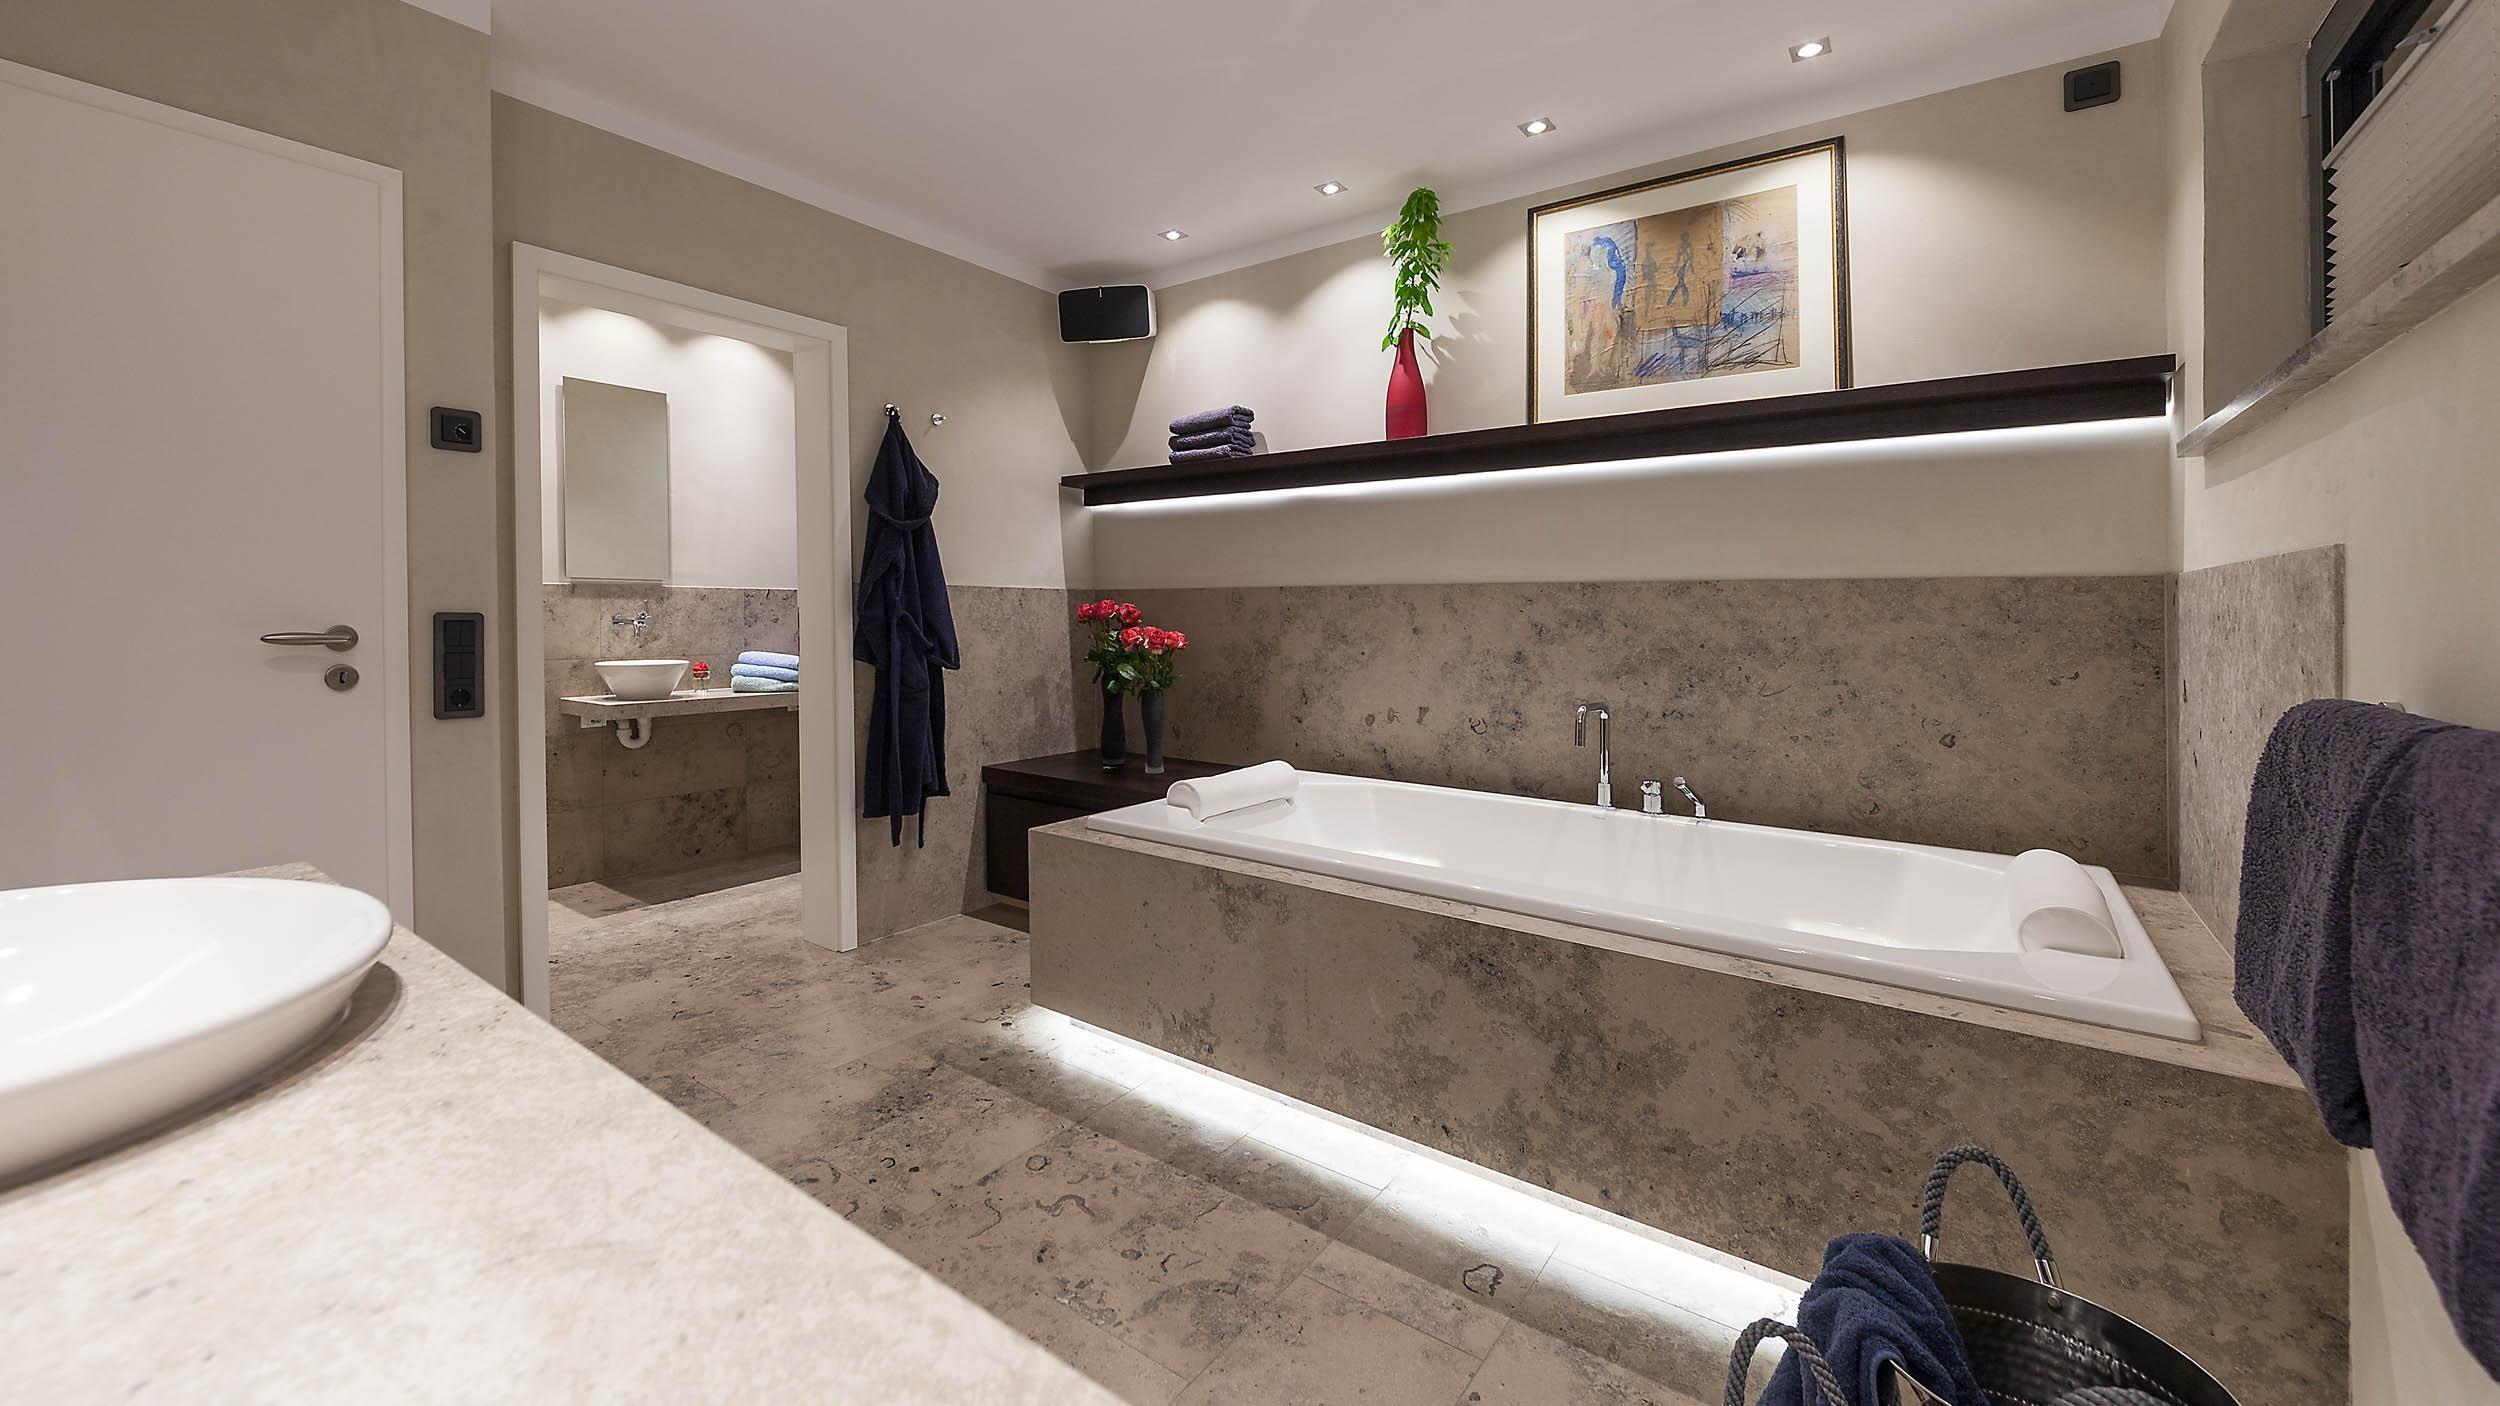 #bestebadstudios #badezimmer #bad #badewanne #waschbecken #baddeko  #modernesbadezimmer